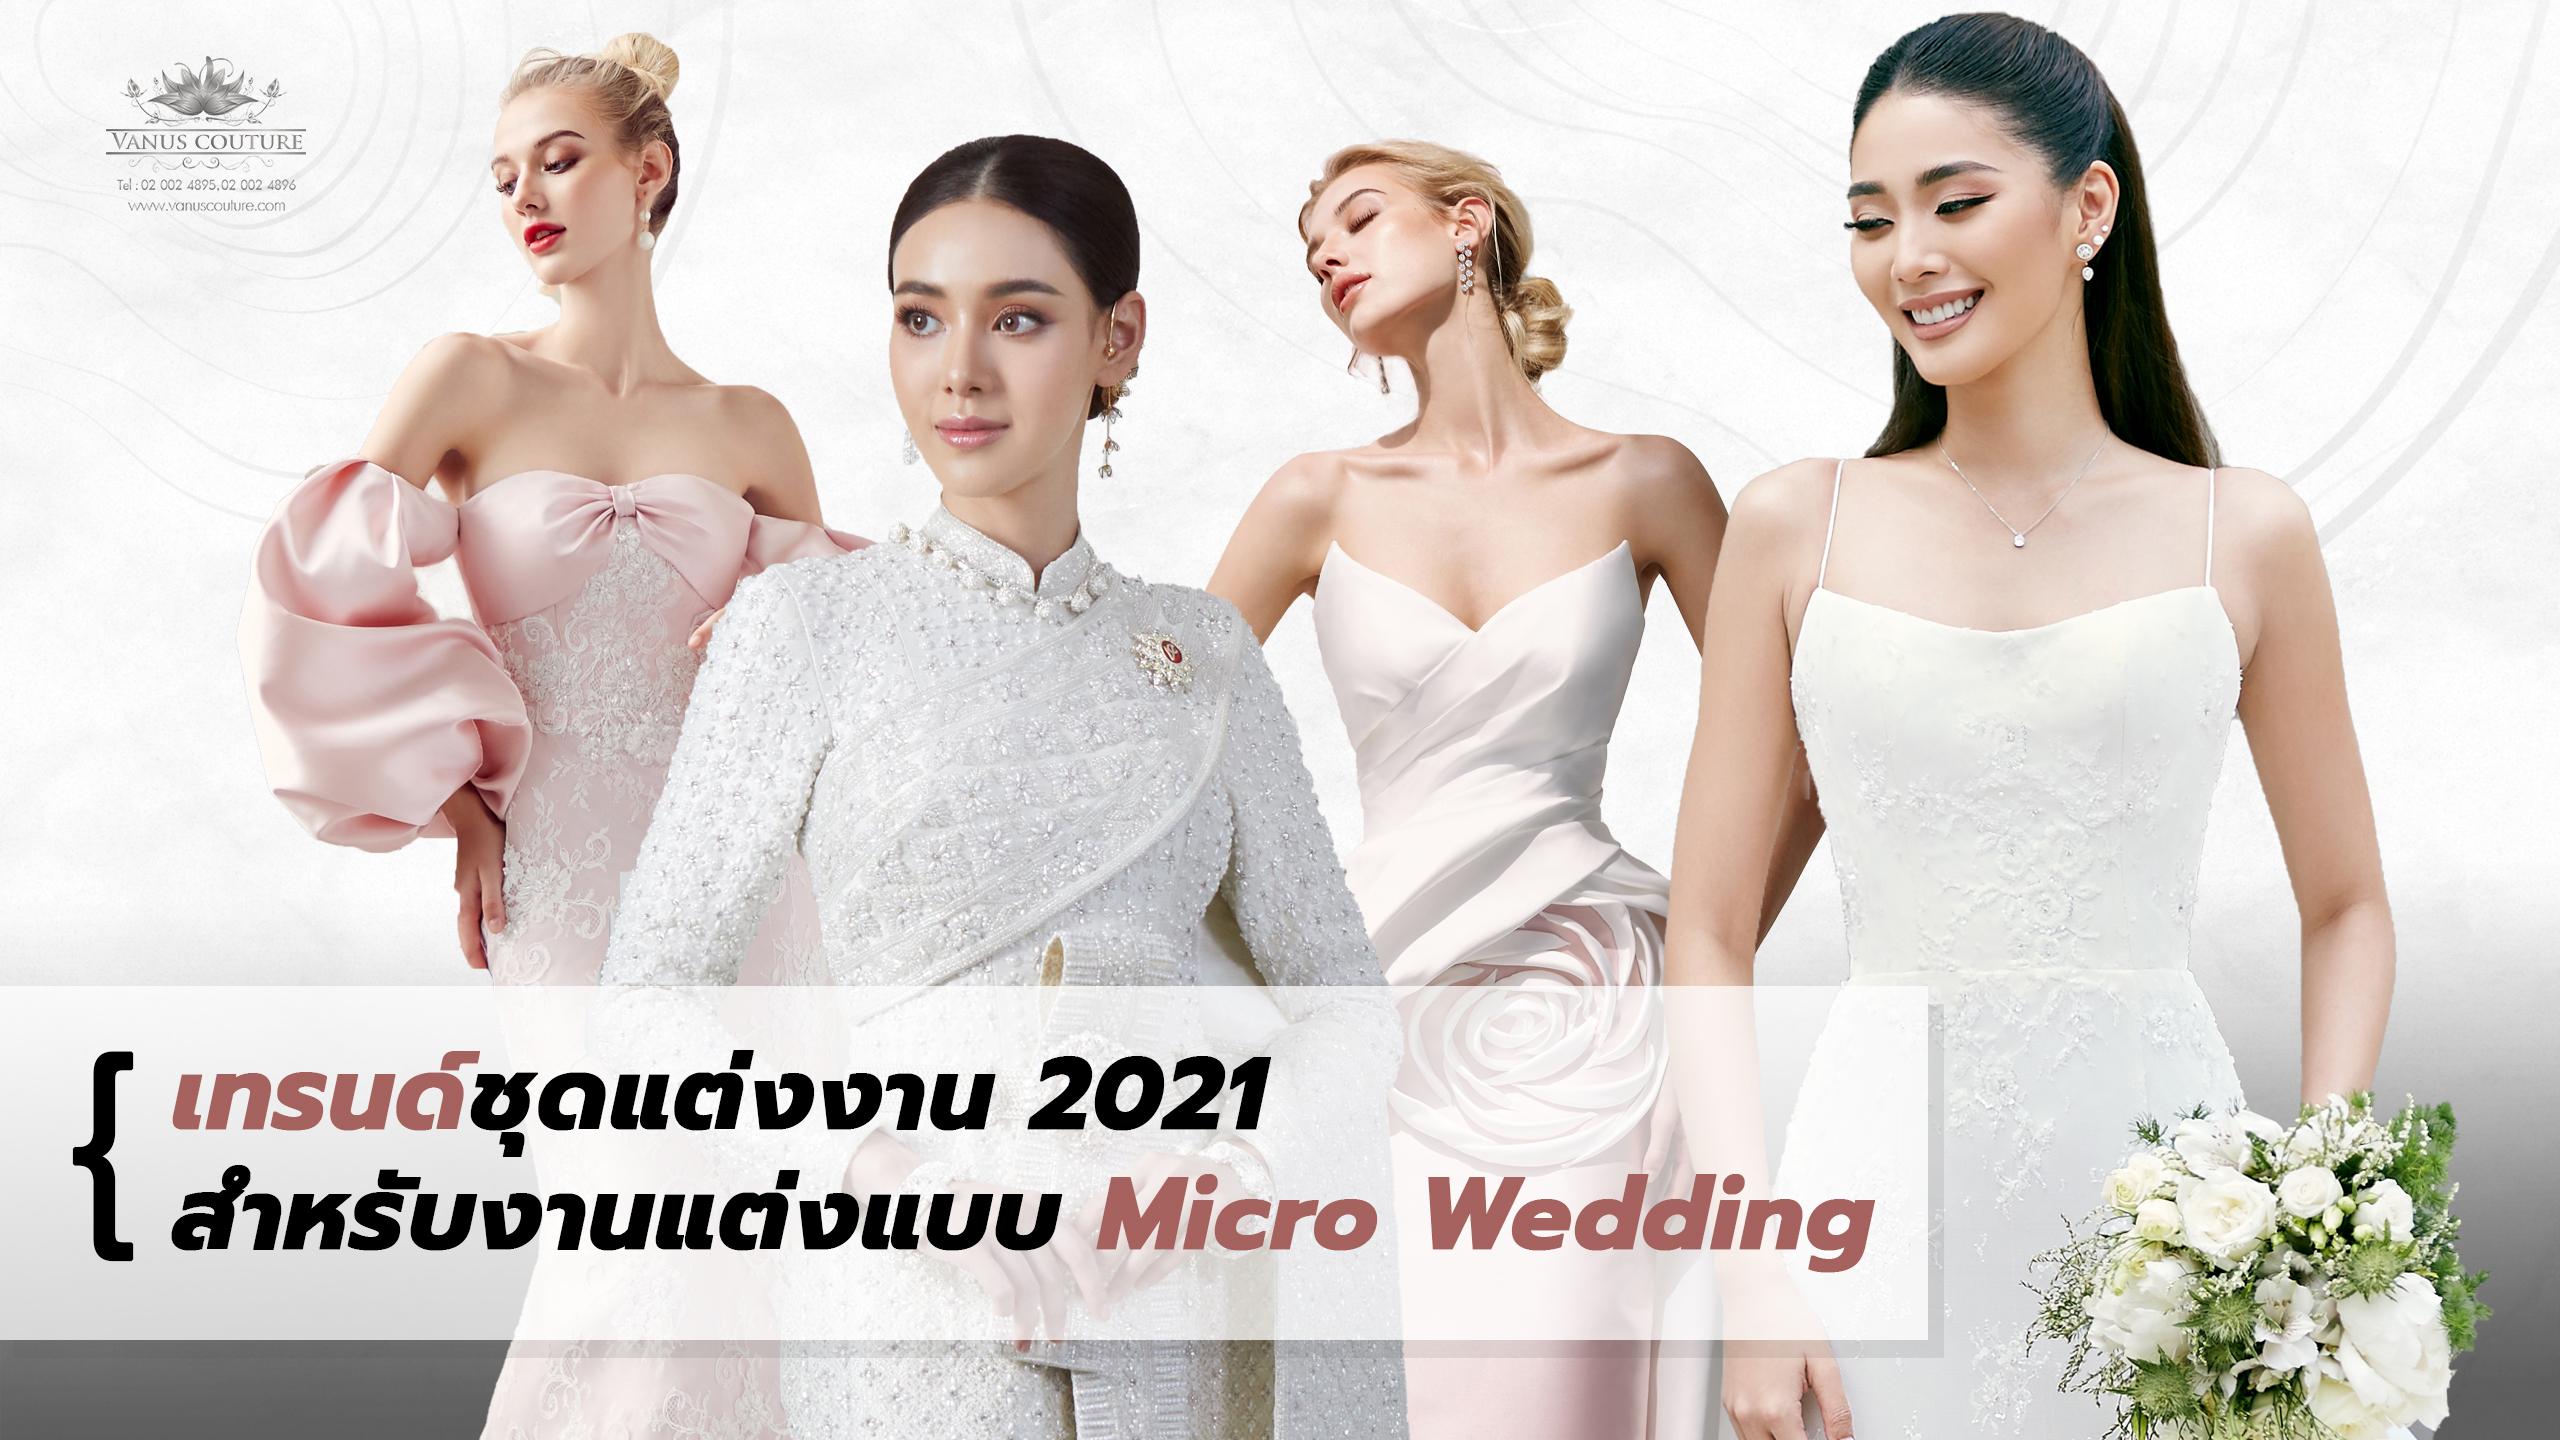 เทรนด์ชุดแต่งงานสำหรับงานแต่งแบบ Micro Wedding